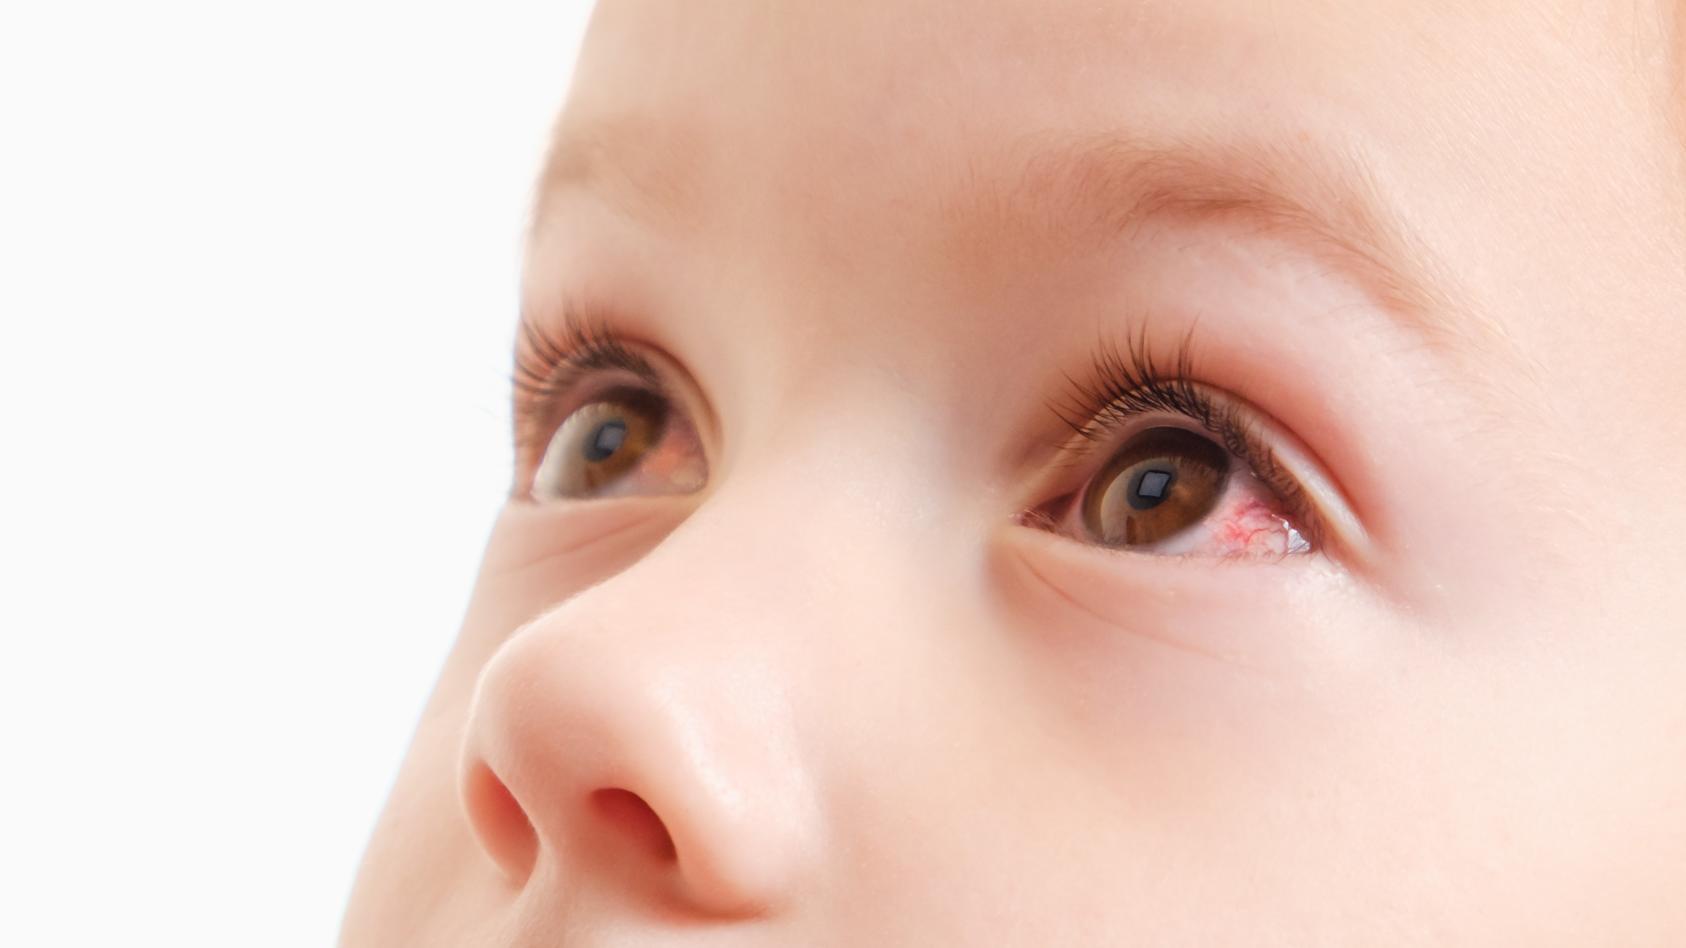 Ein Schmierauge entsteht bei Babys, wenn die Tränenflüssigkeit nicht richtig abfließen kann. Das verklebte Auge bildet sich meist zurück, manchmal kann jedoch eine weitere Behandlung erforderlich werden.